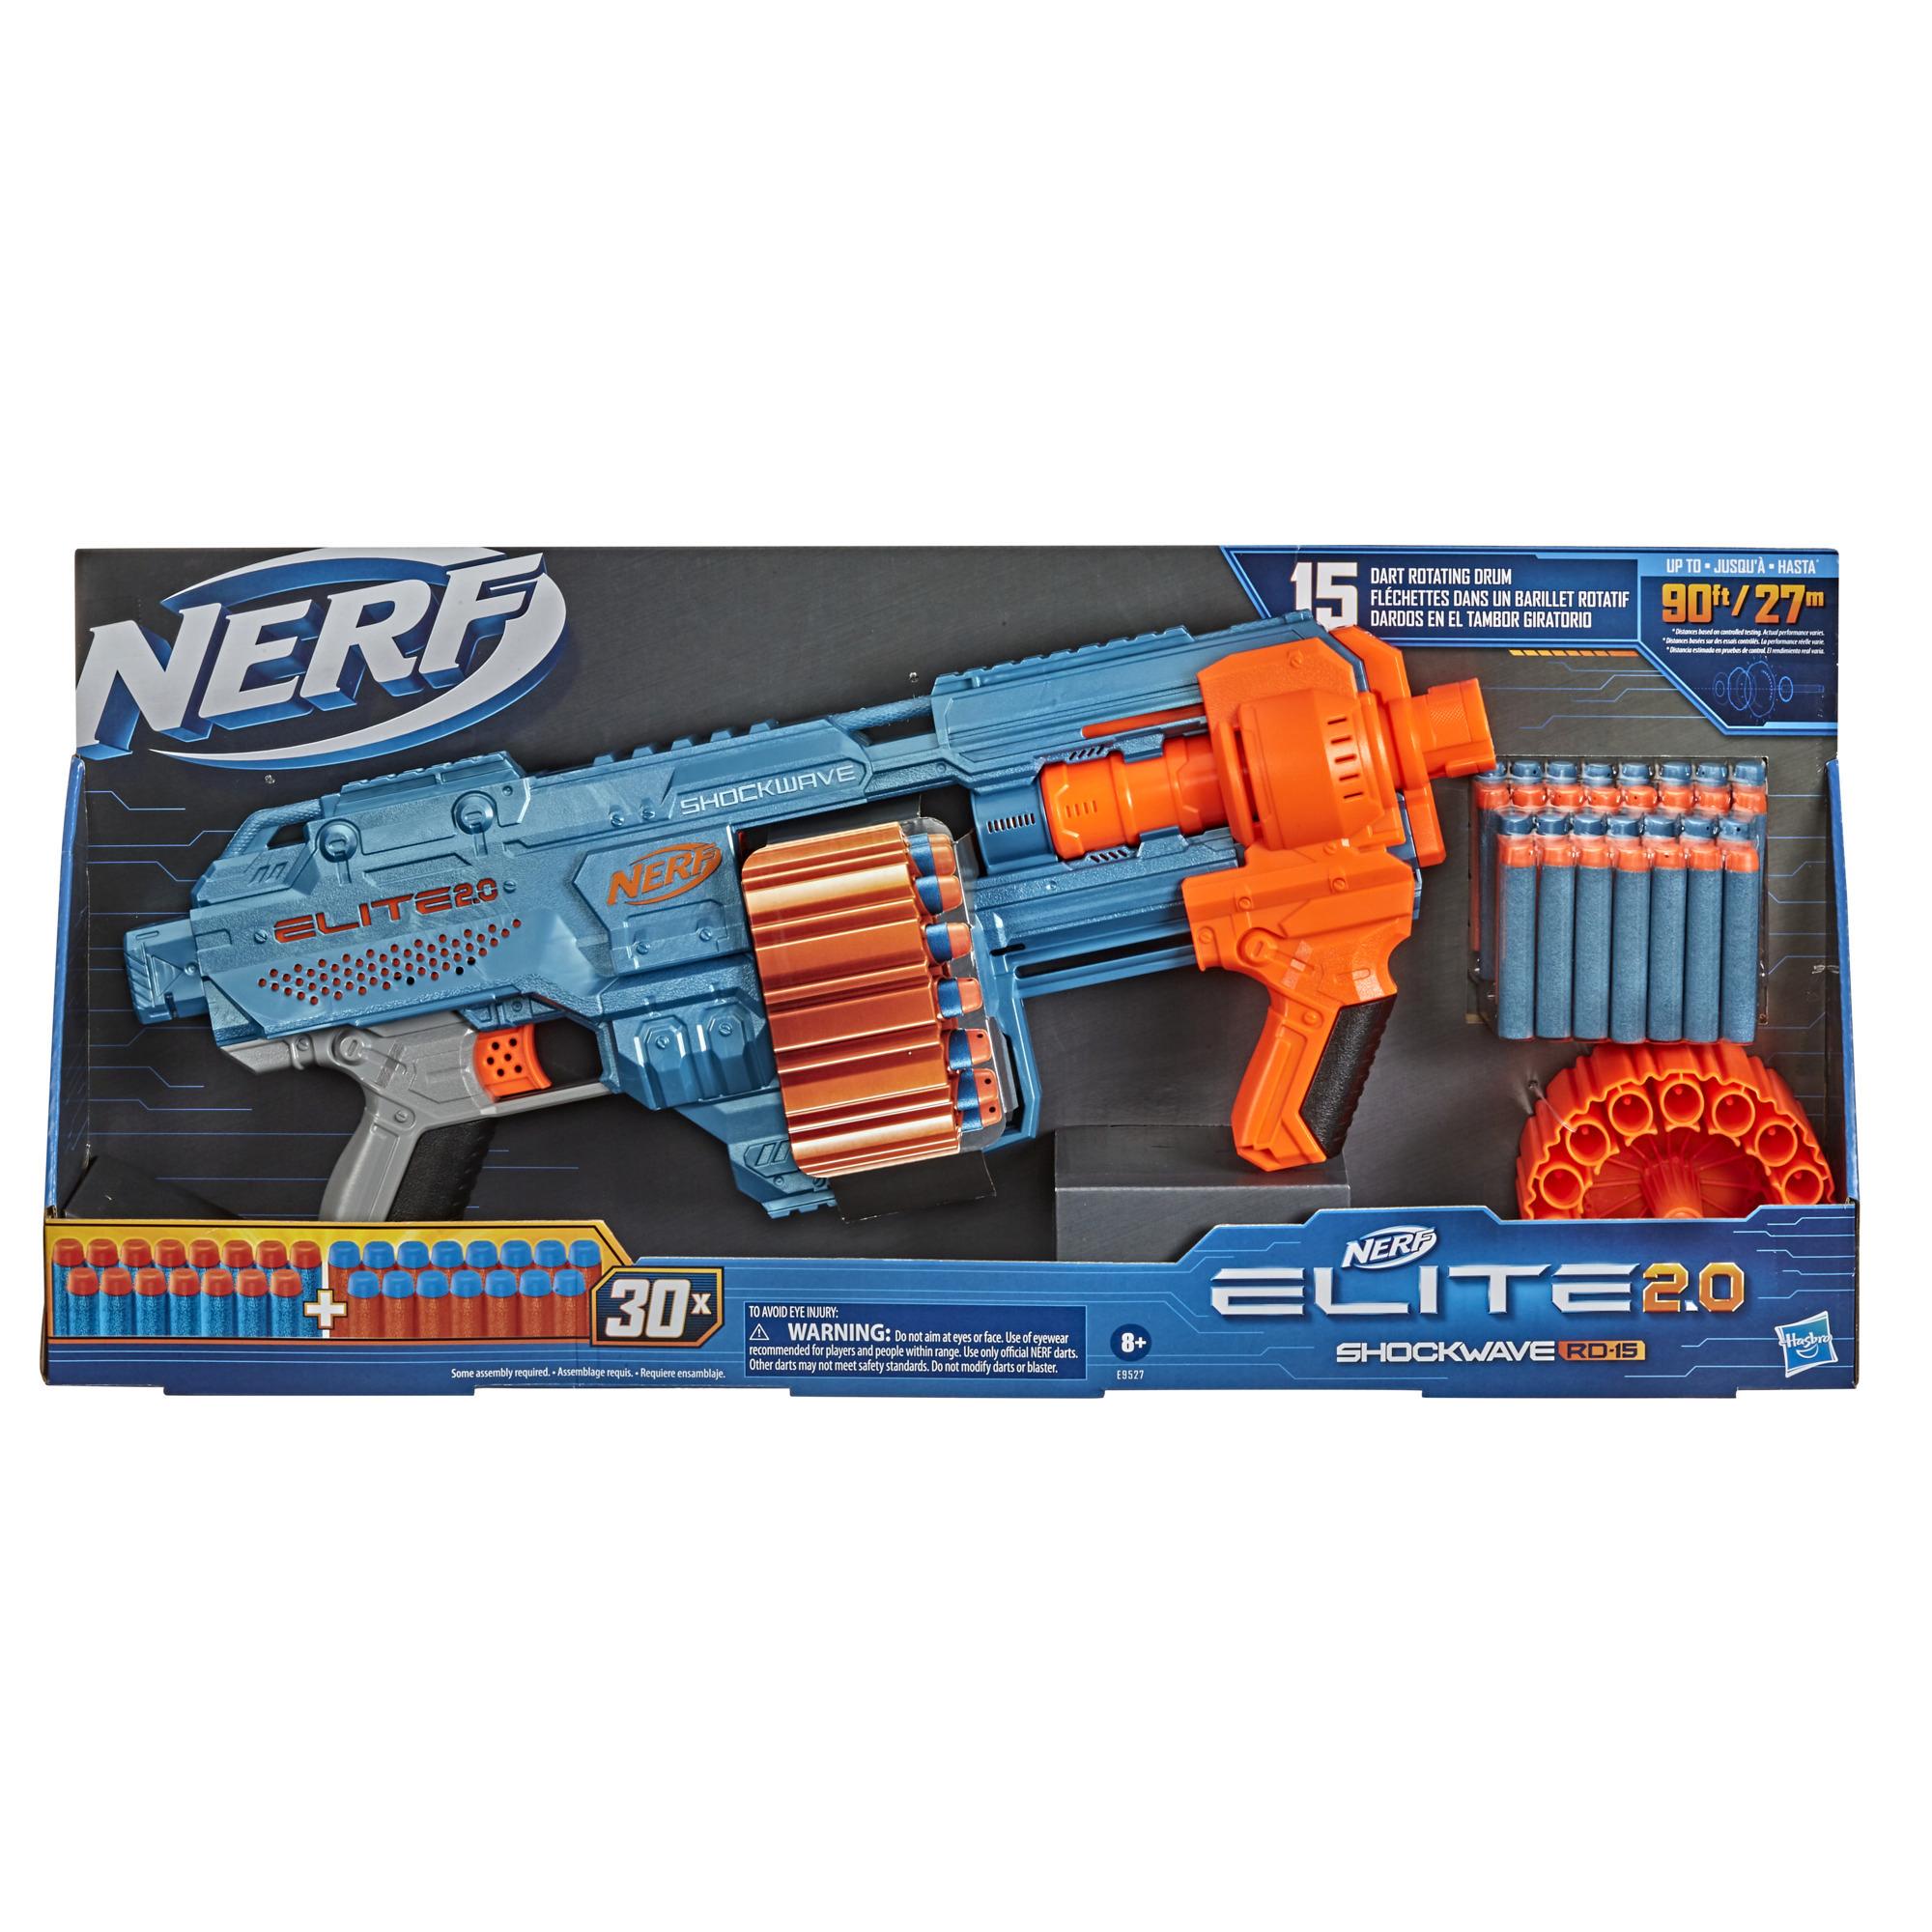 Nerf Elite 2.0 Shockwave RD-15-blaster, 30 Nerf-darts, draaiende trommel met 15 darts, spervuur, aanpassingsmogelijkheden